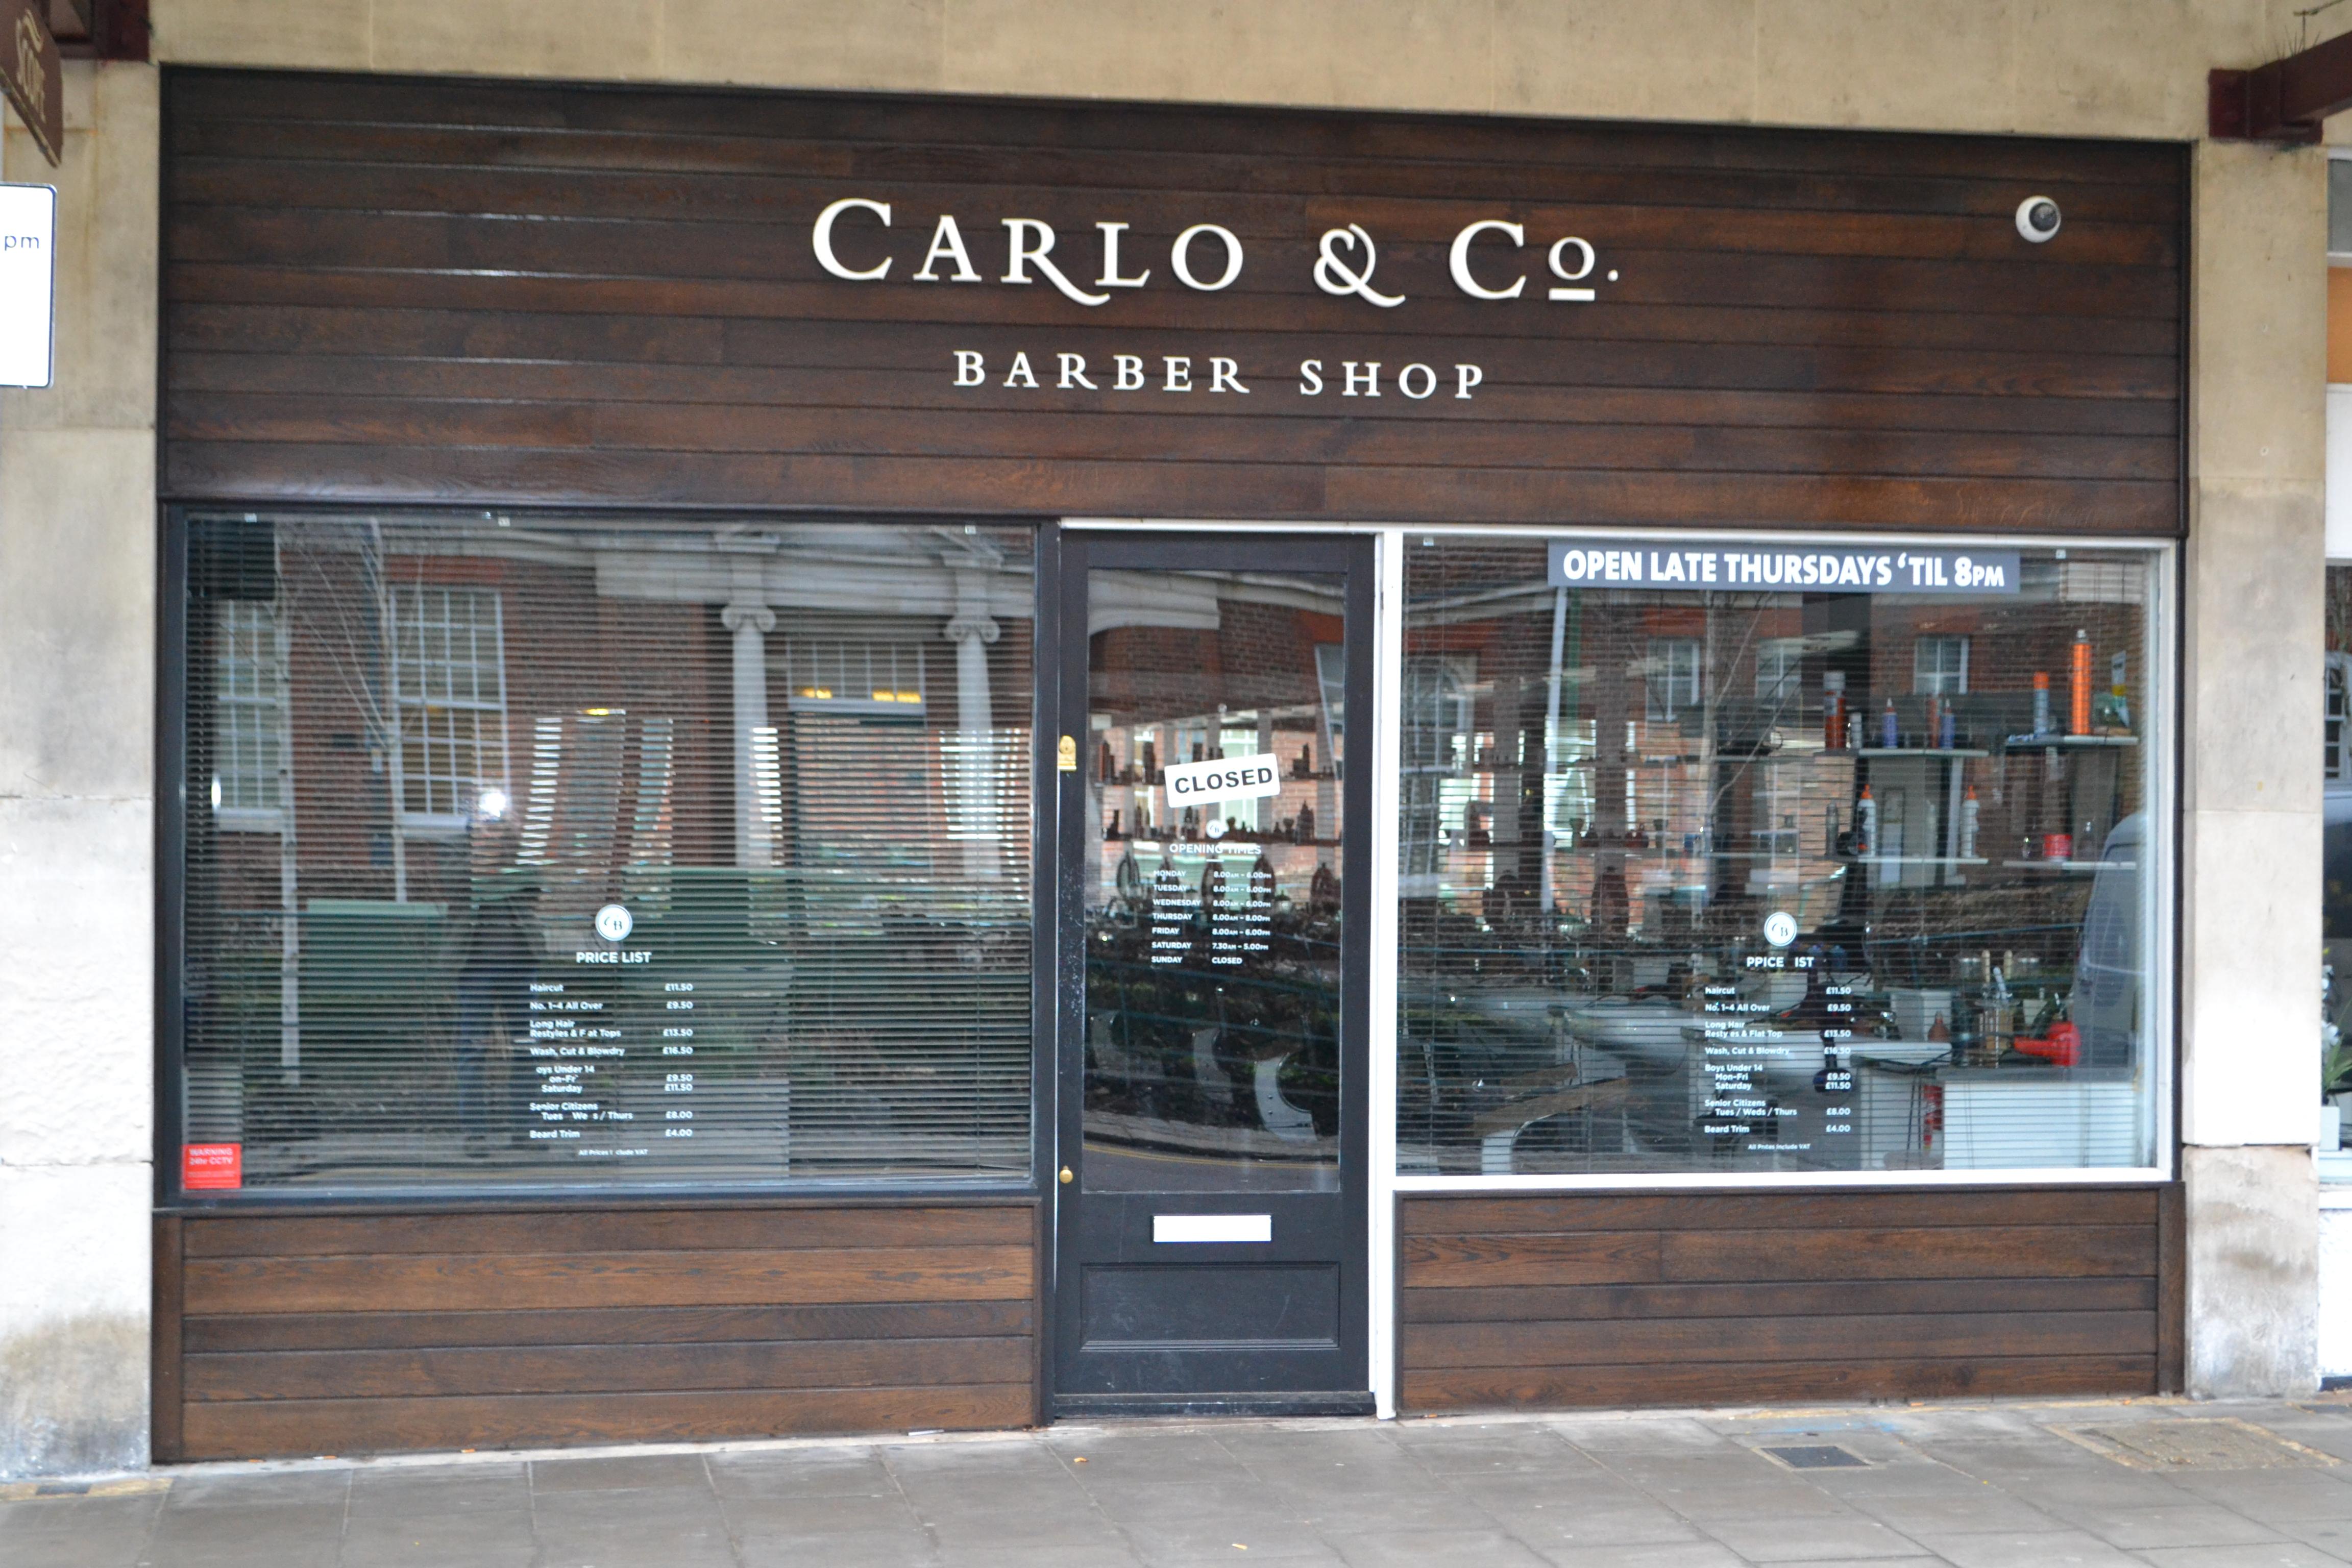 Carlo & Co